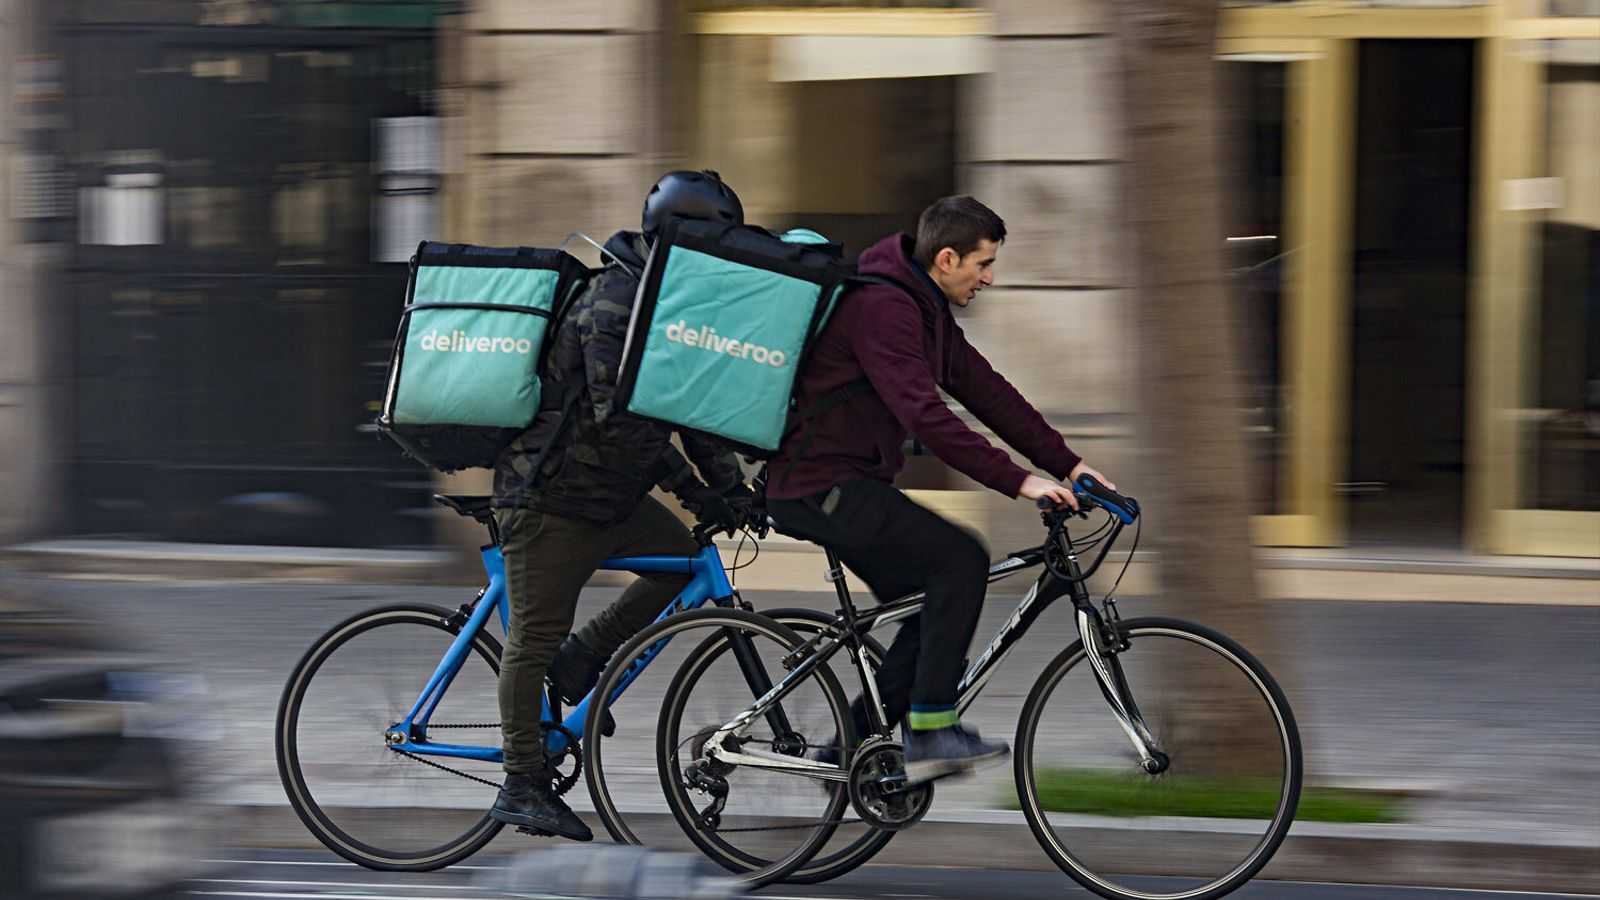 Amazon entra a Deliveroo amb una ronda de finançament de 514 M€